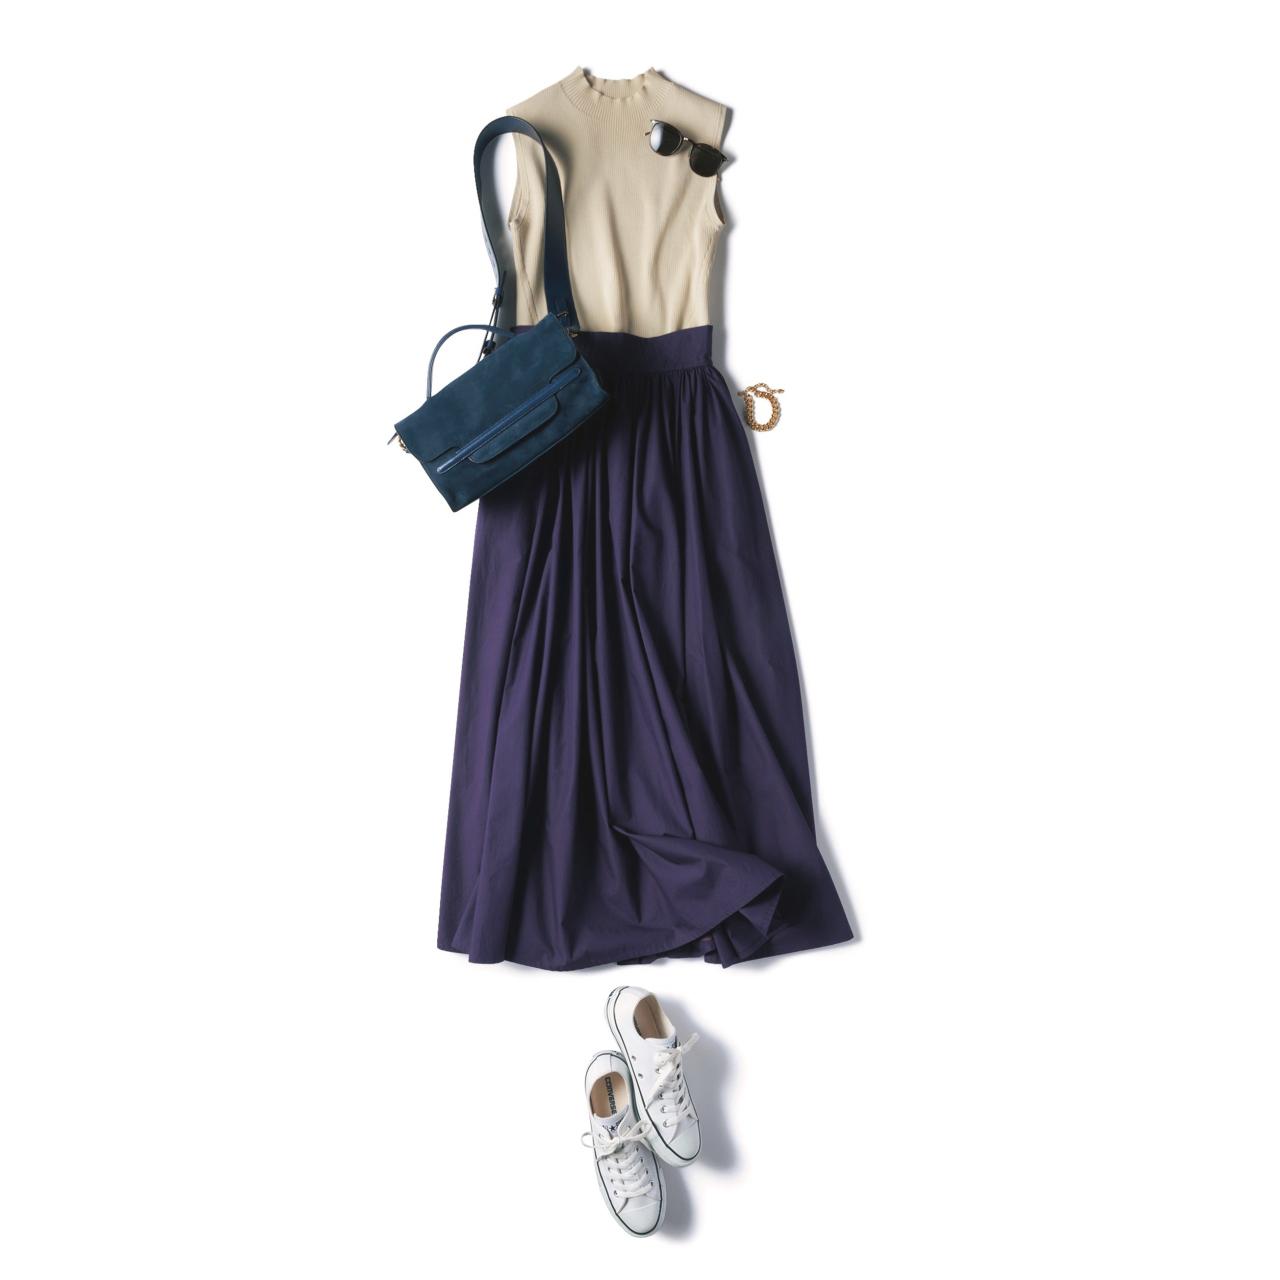 スカート×スニーカーのファッションコーデ